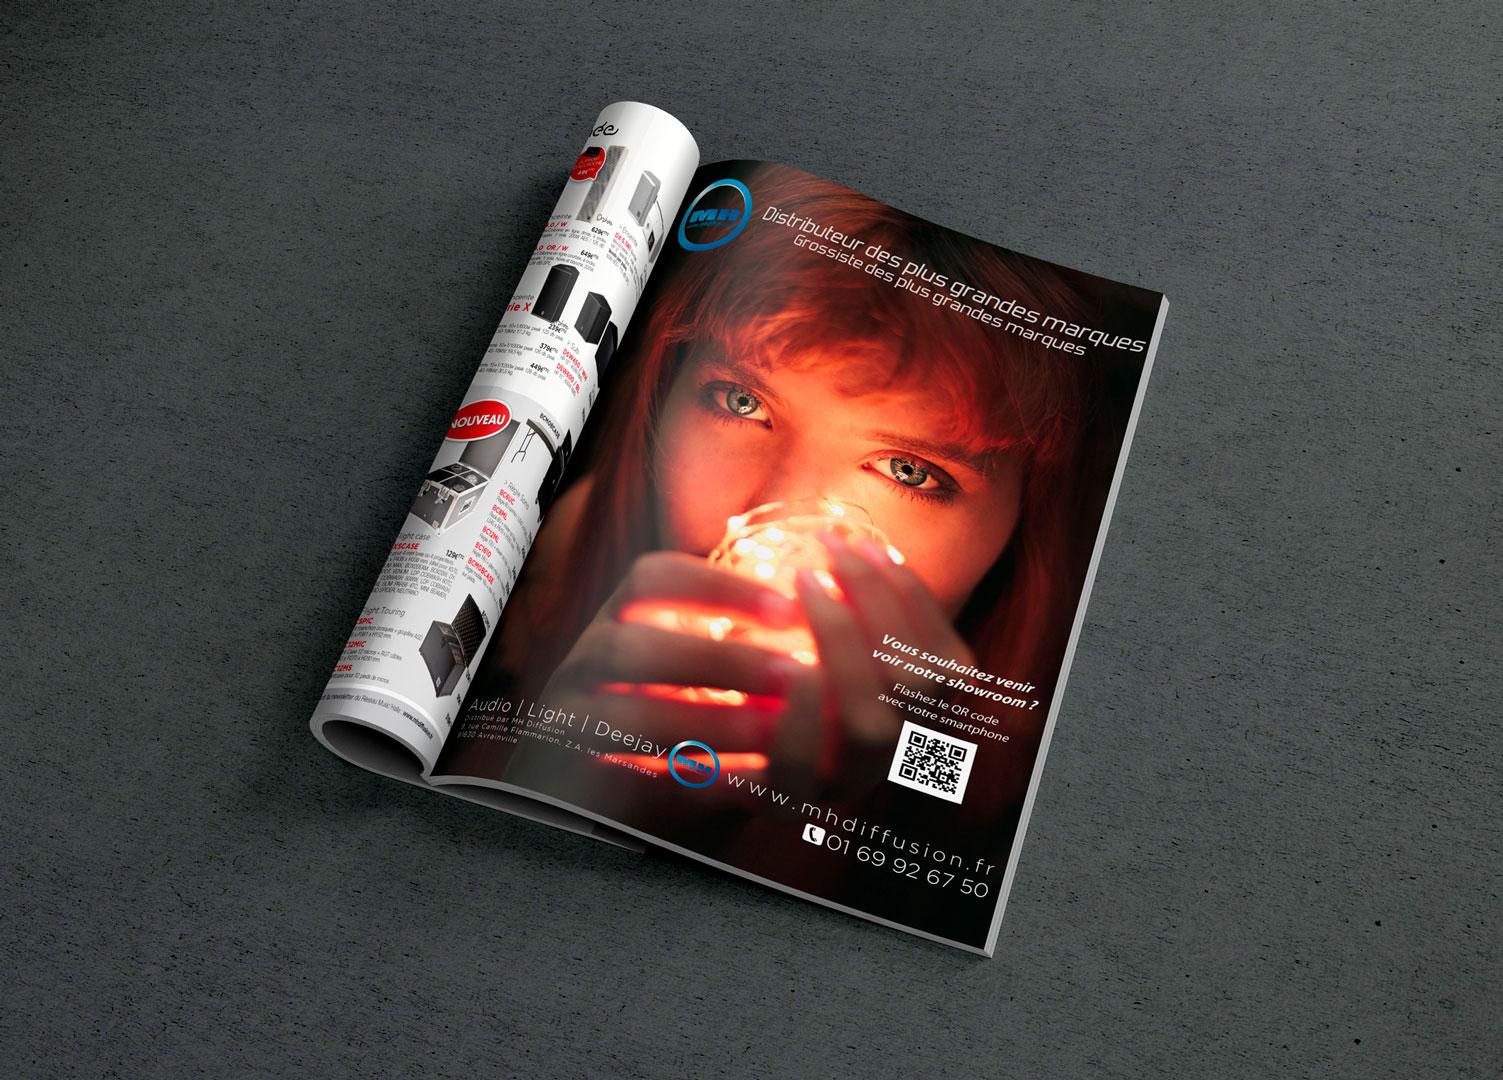 Publicité print MH Diffusion pour SonoMag